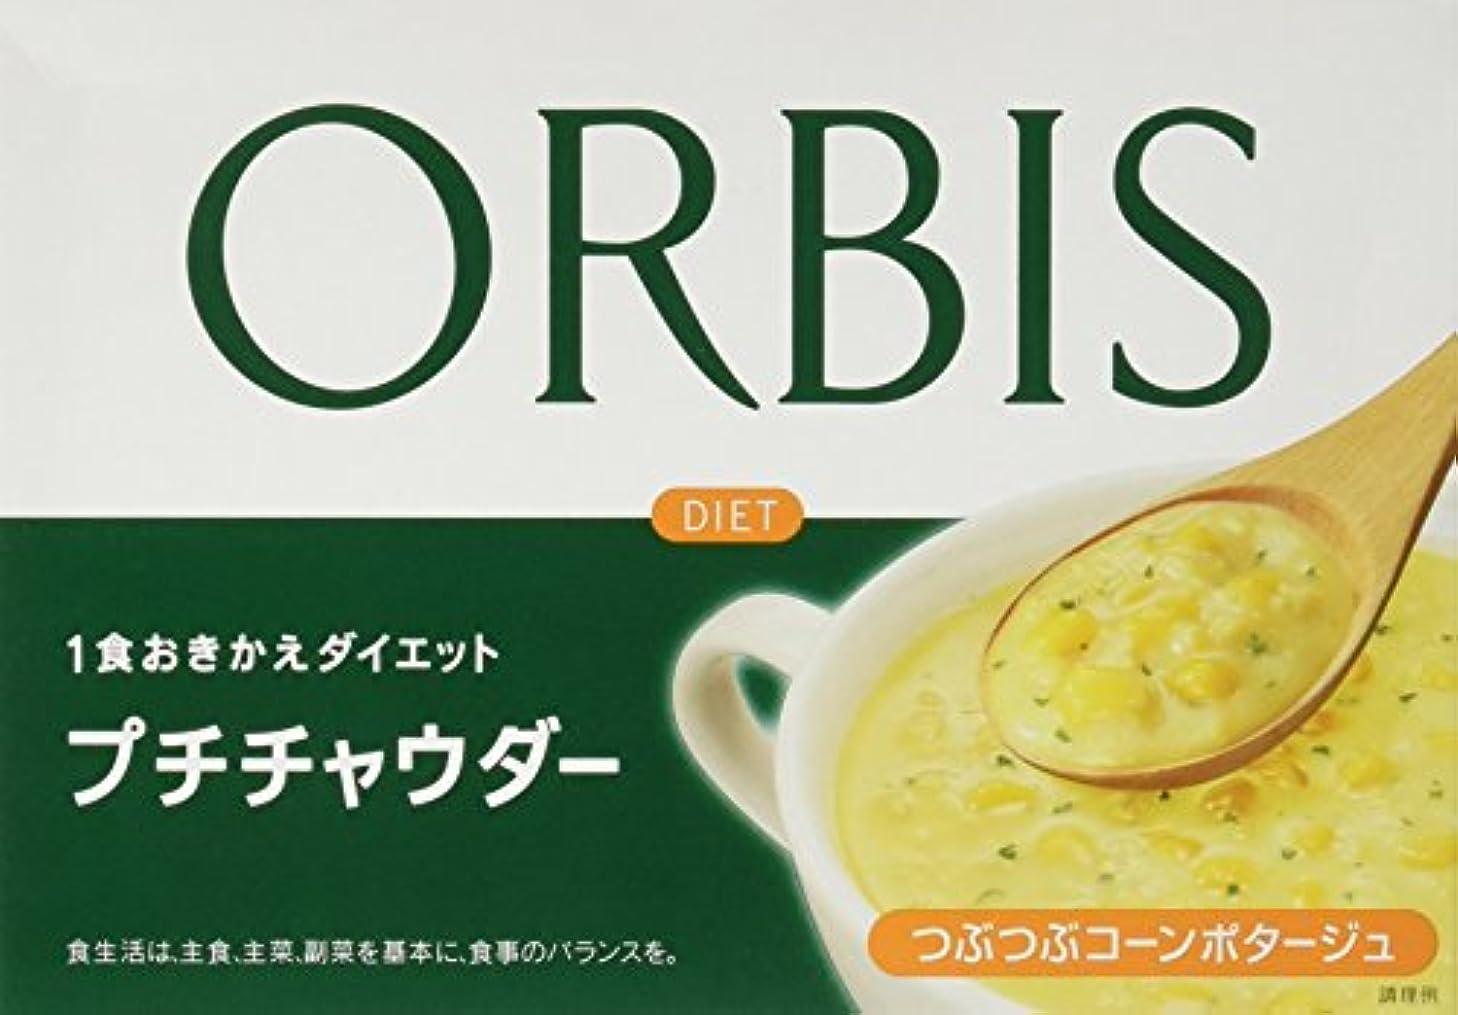 横たわるに向かって注目すべきオルビス(ORBIS) プチチャウダー つぶつぶコーンポタージュ 34.0g×7食分 ◎ダイエットスープ◎ 1食分123kcal